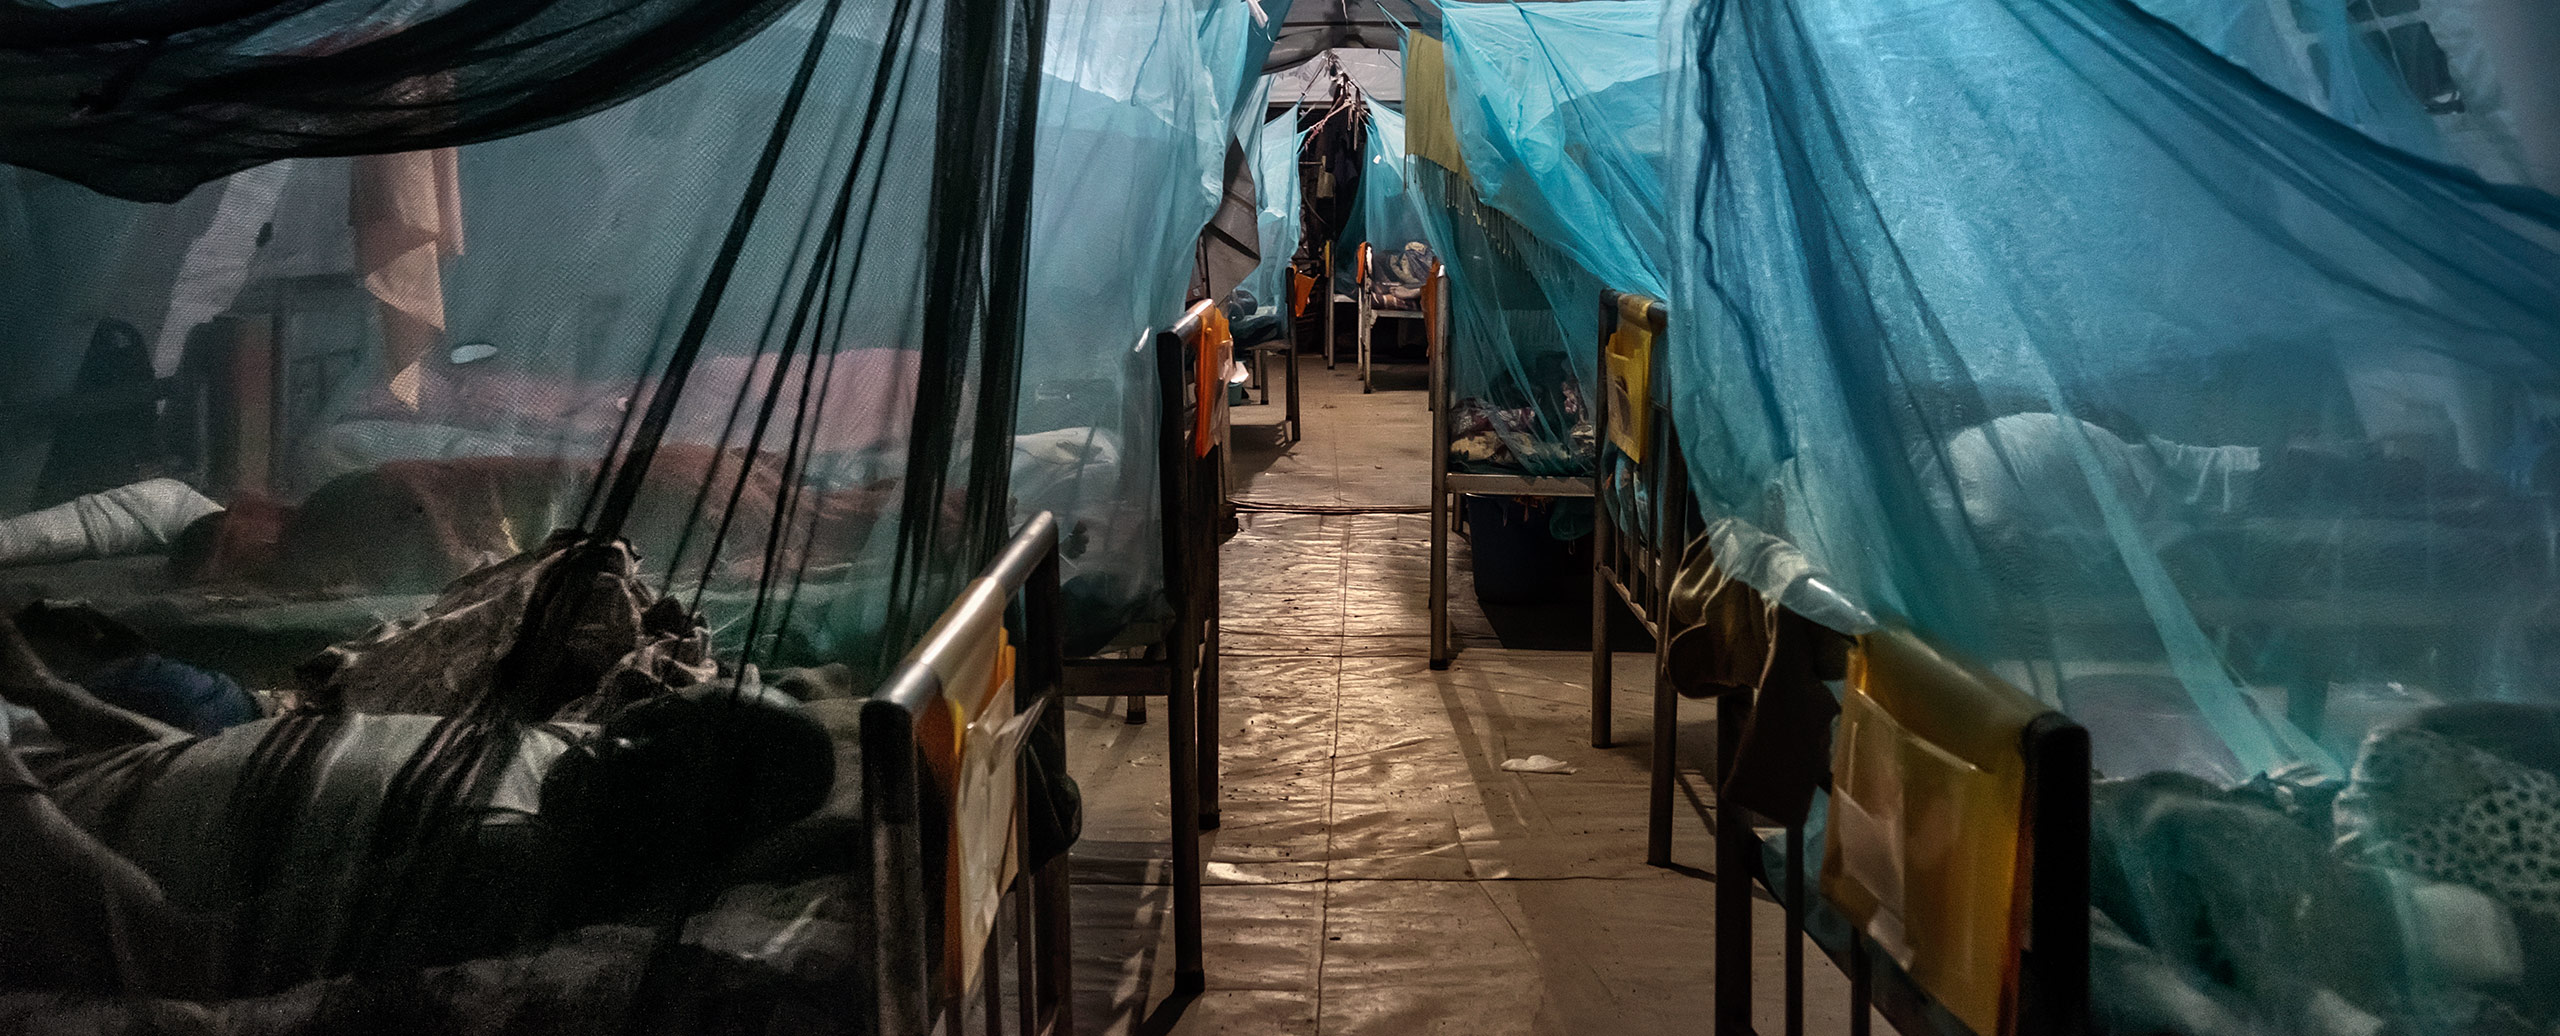 Paludisme   Médecins Sans Frontières (MSF)